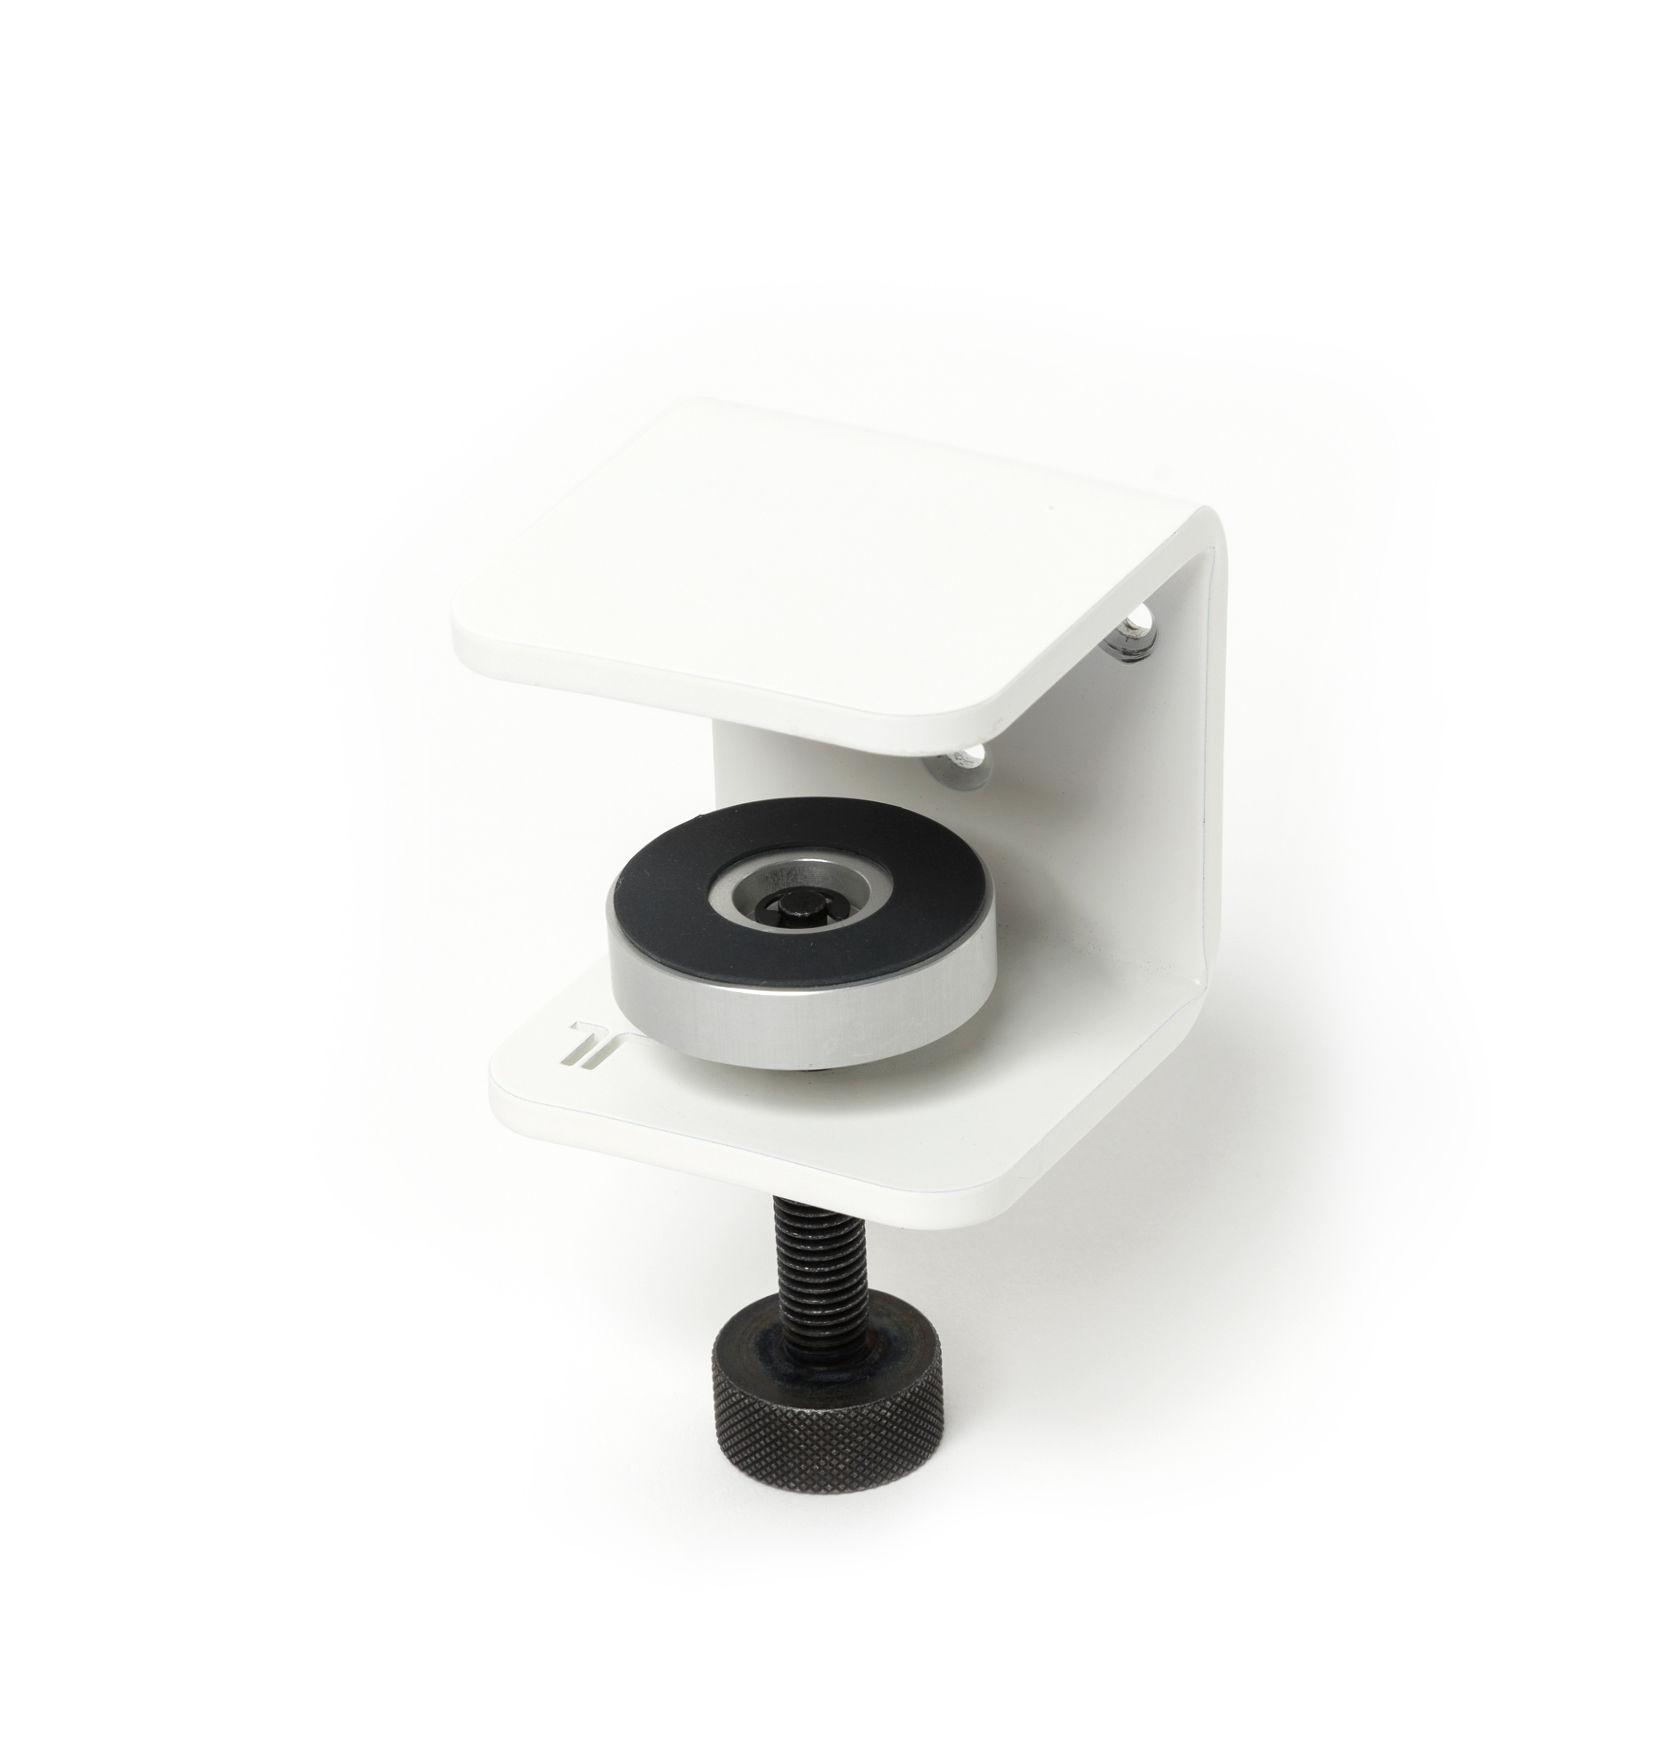 Möbel - Regale und Bücherregale - Bracket Wandhalter / Mit Schraubzwinge - Um ein Regal zu gestalten - TipToe - Wolken-weiß - thermolackierter Stahl